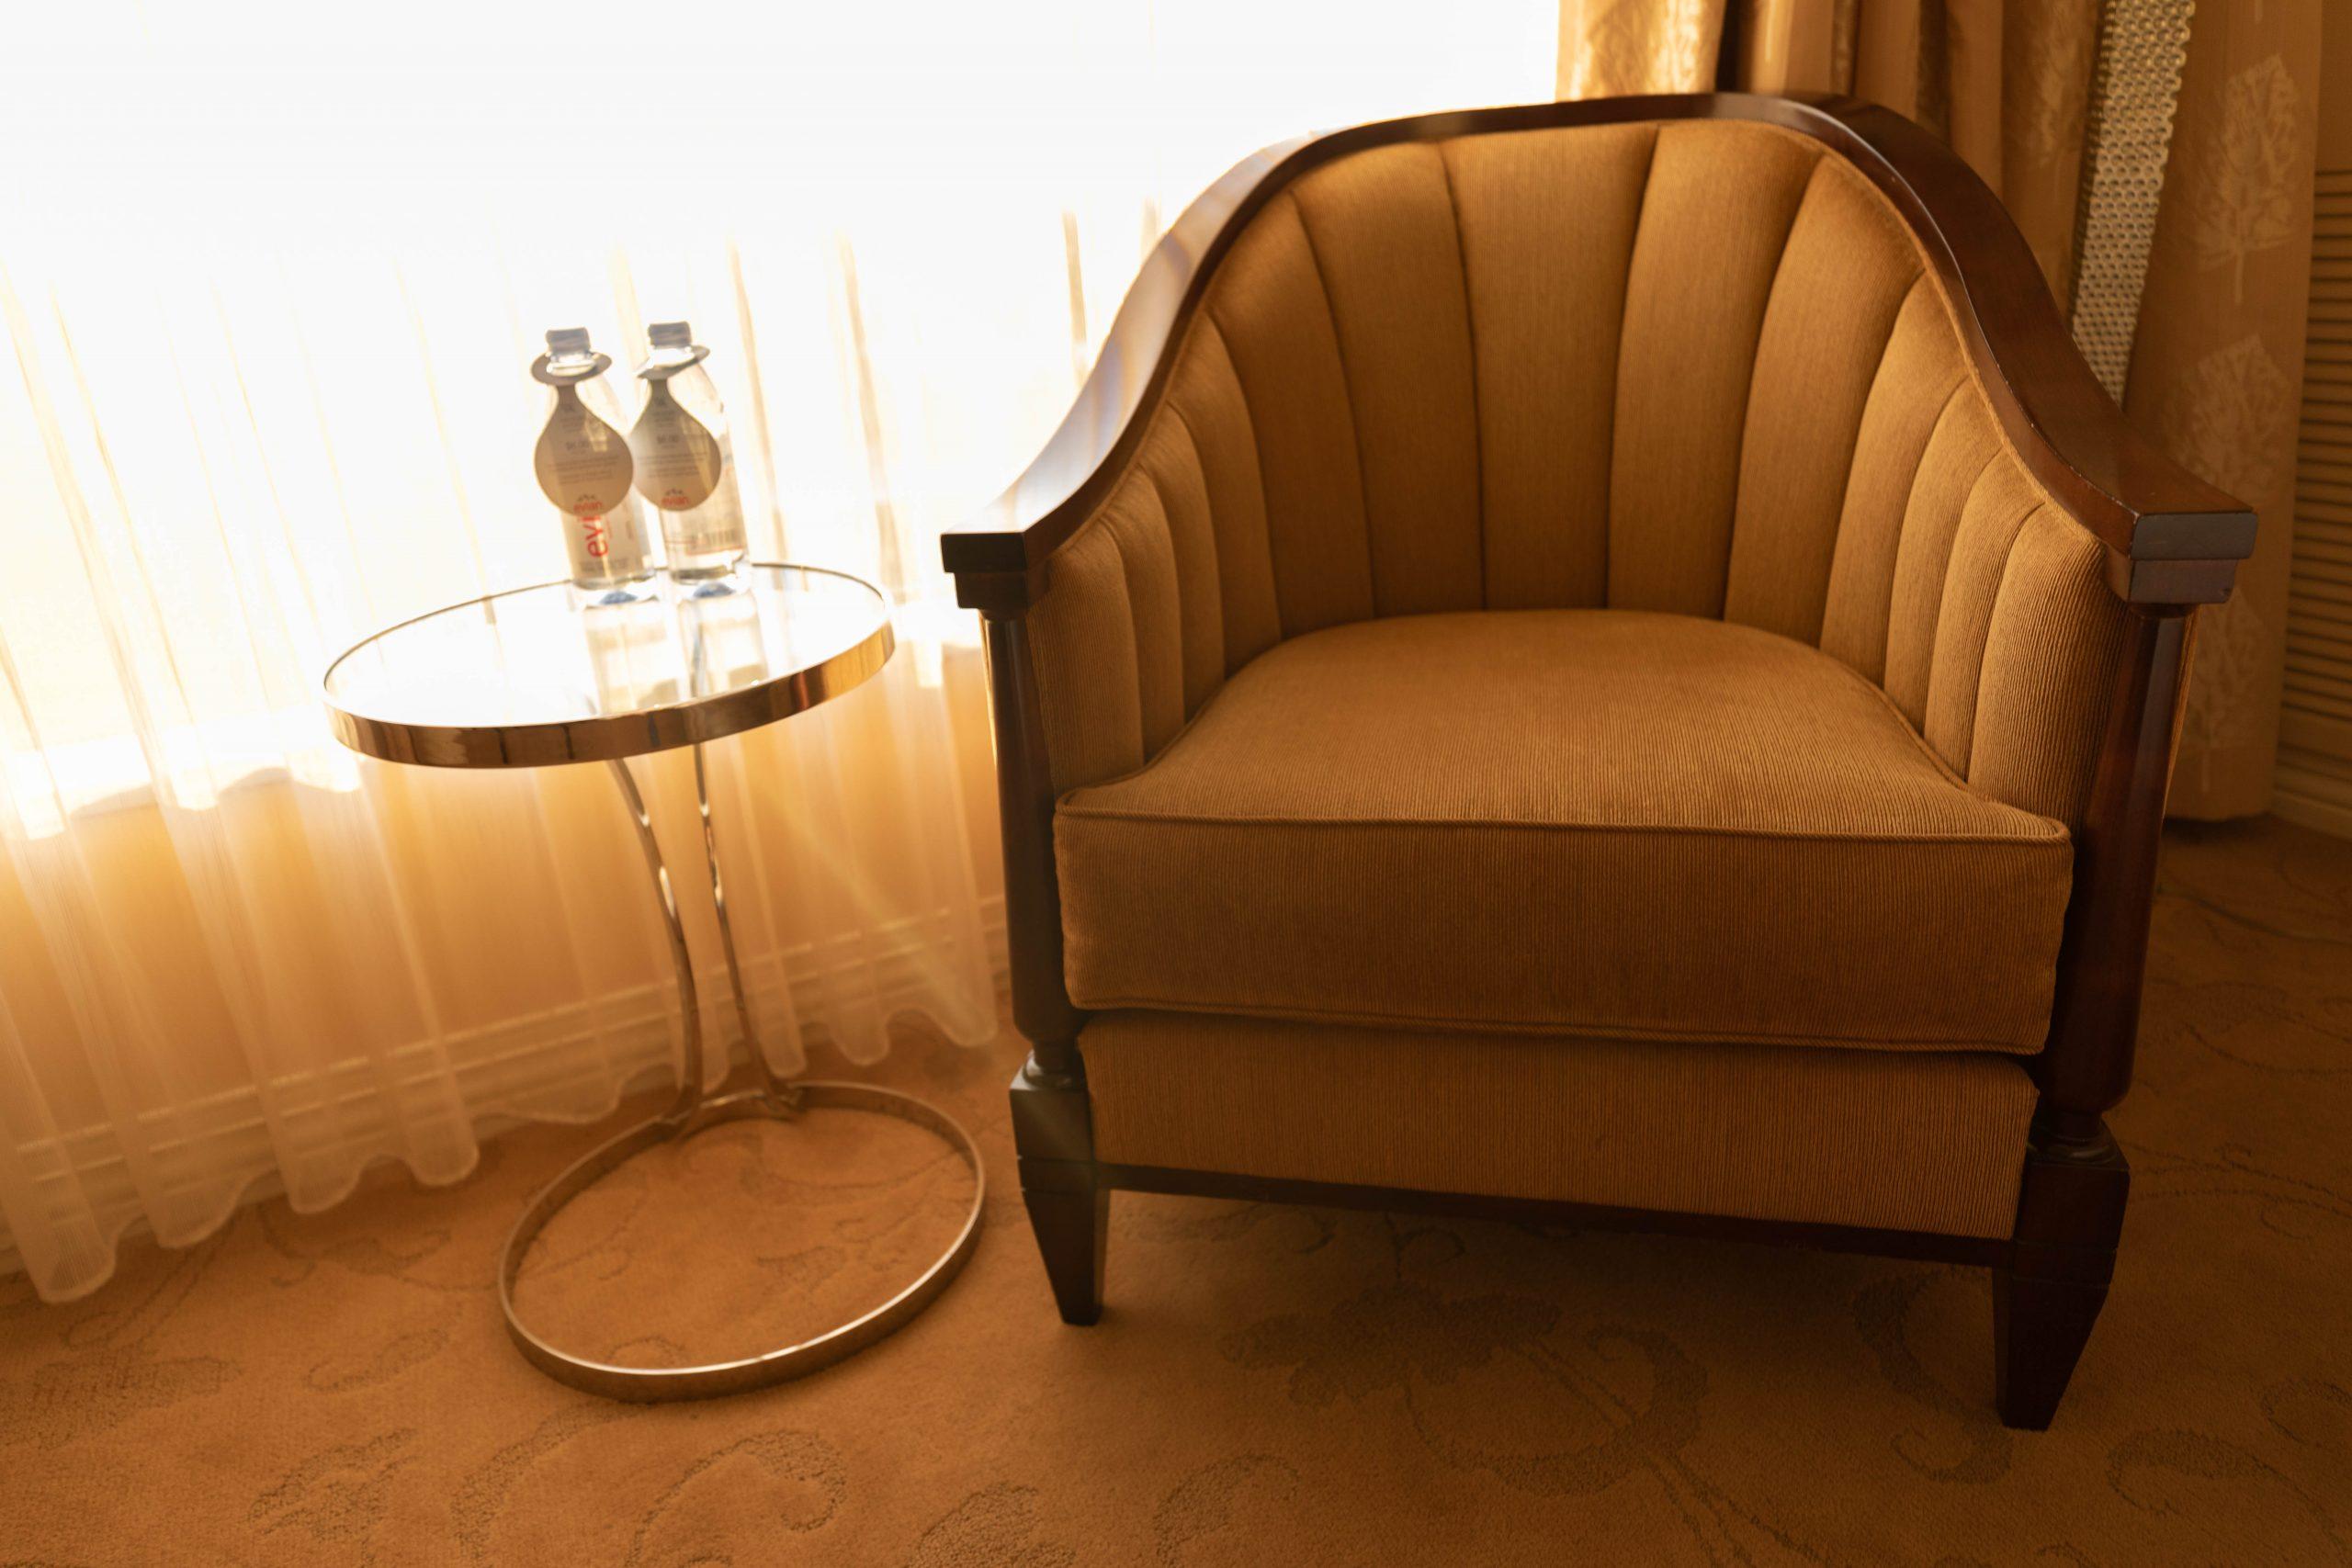 Disney View Hotel Rooms Waldorf Astoria Orlando Florida Luxury Hotels of the World Best Hotels Near Walt Disney World by Annie Fairfax